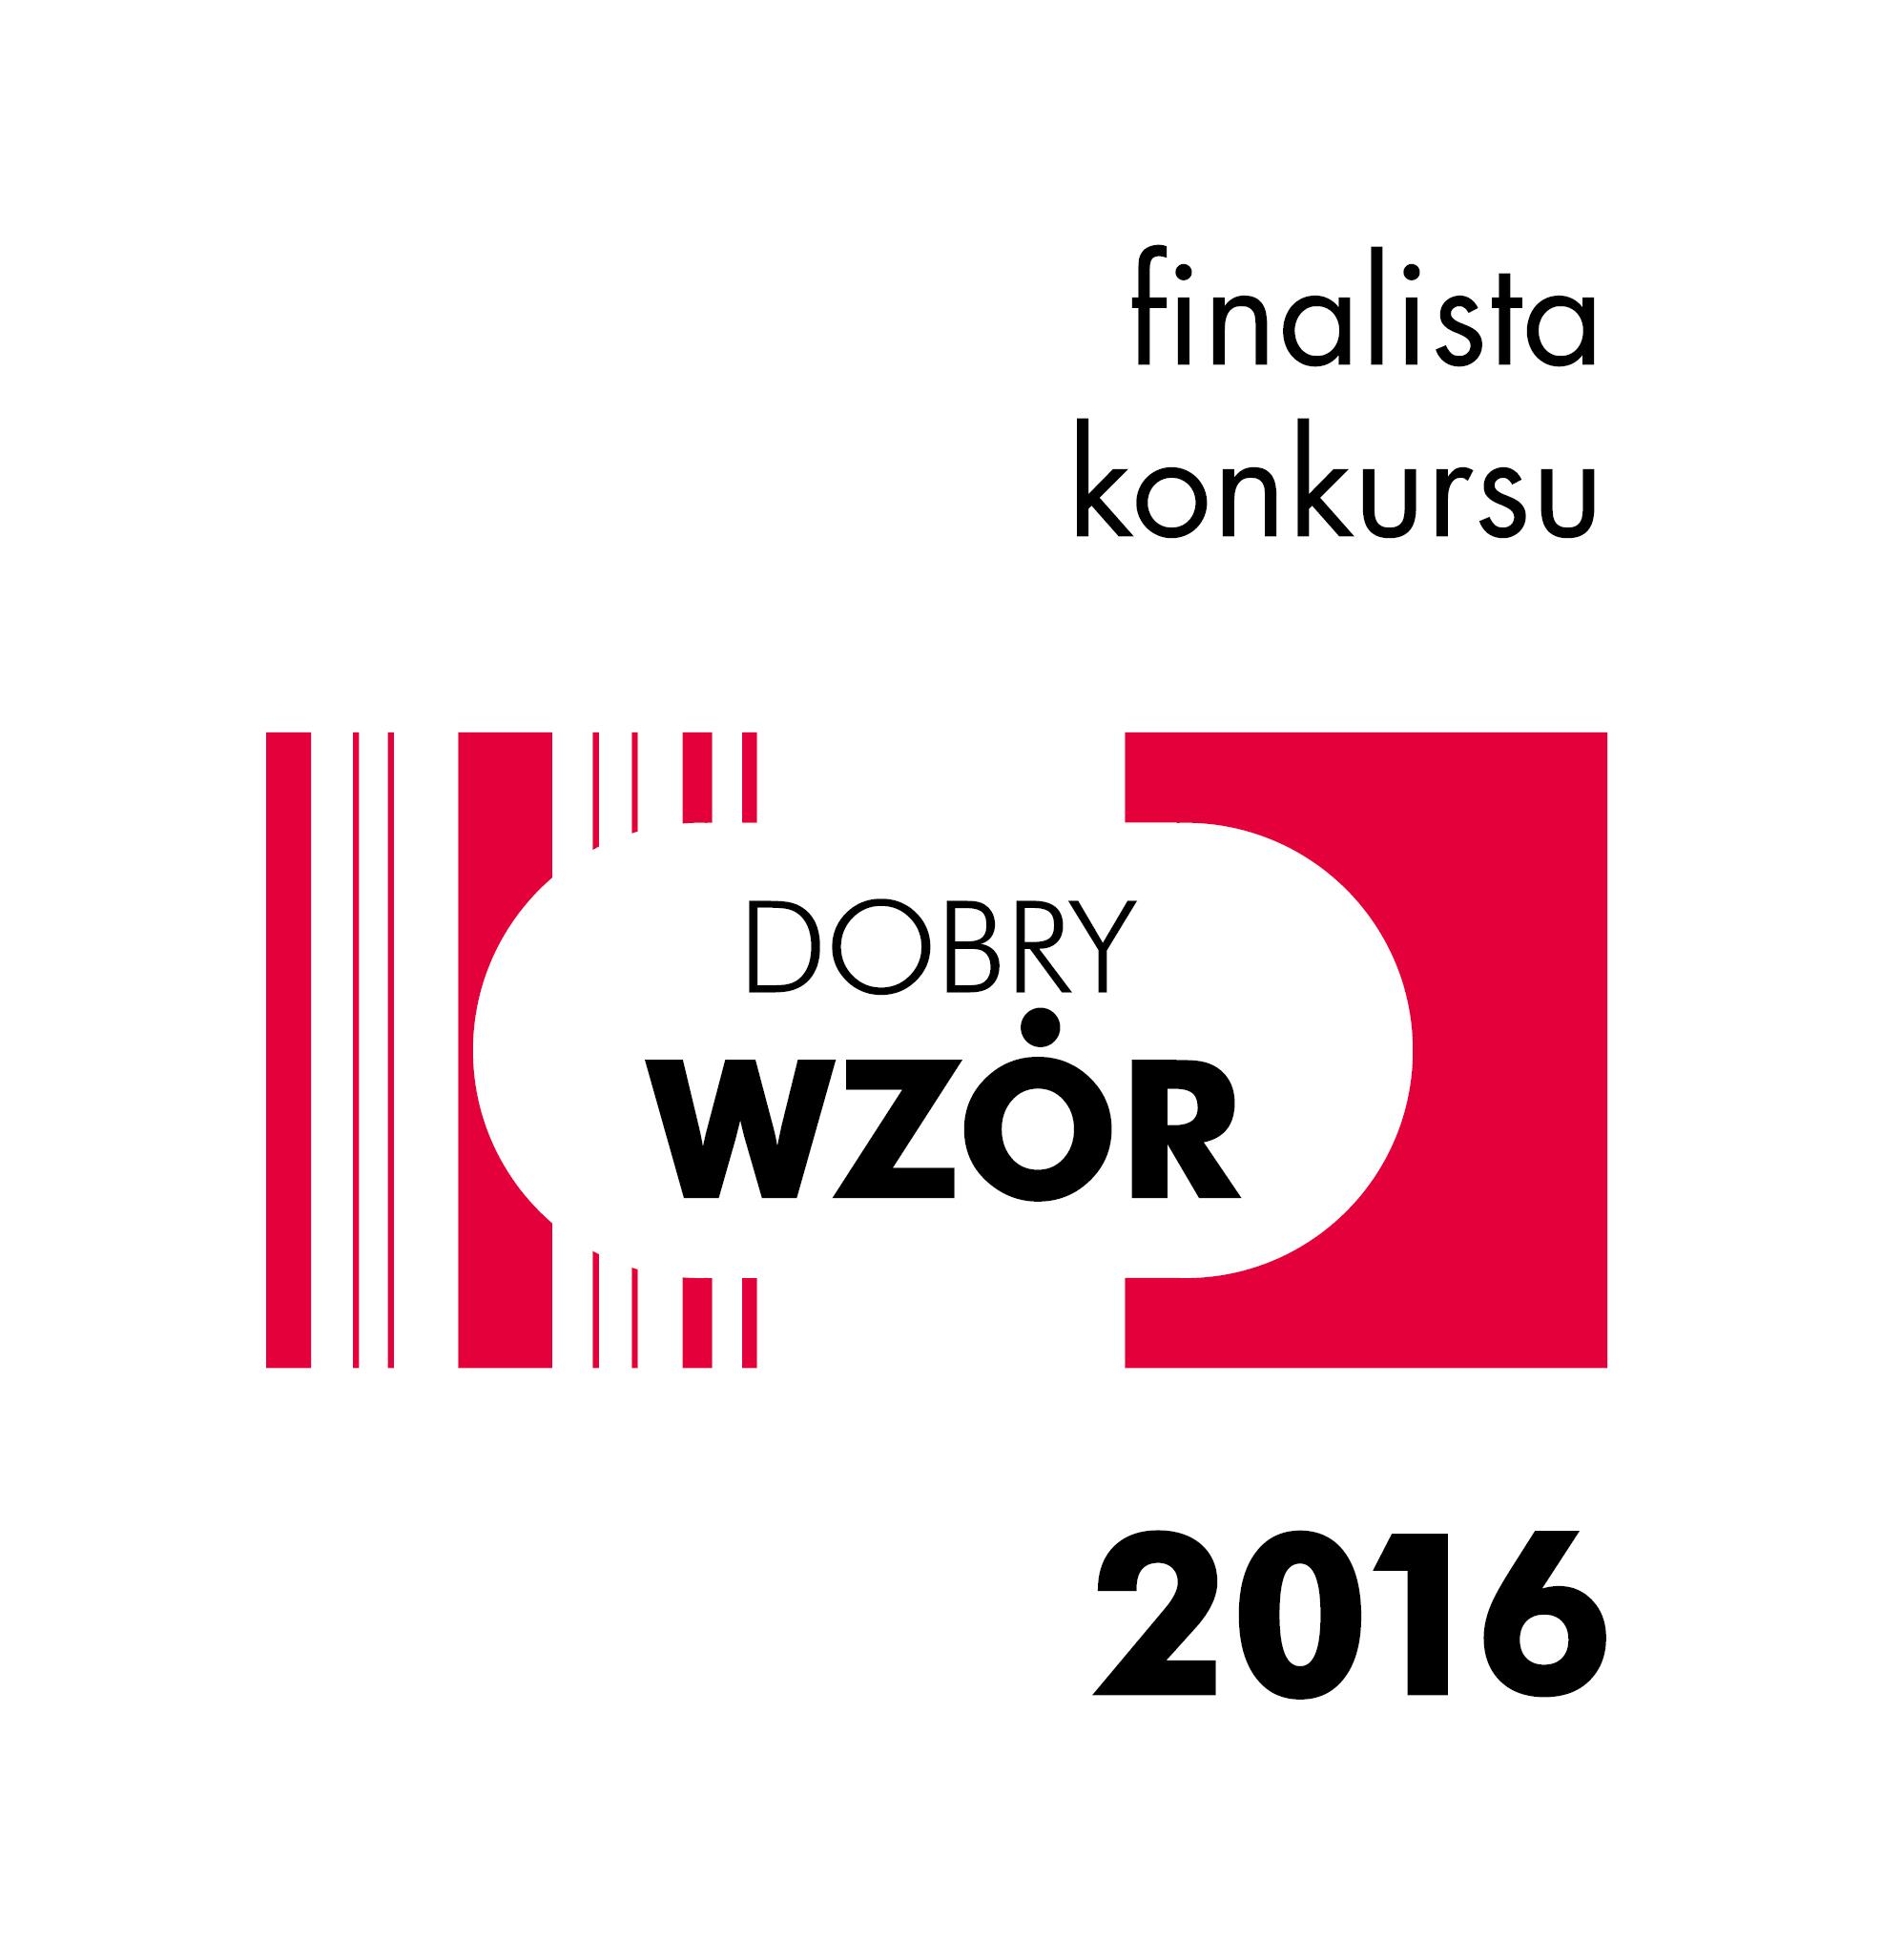 http://www.iwp.com.pl/pub/images/projekty/dobry_wzor/logo_DW.jpg